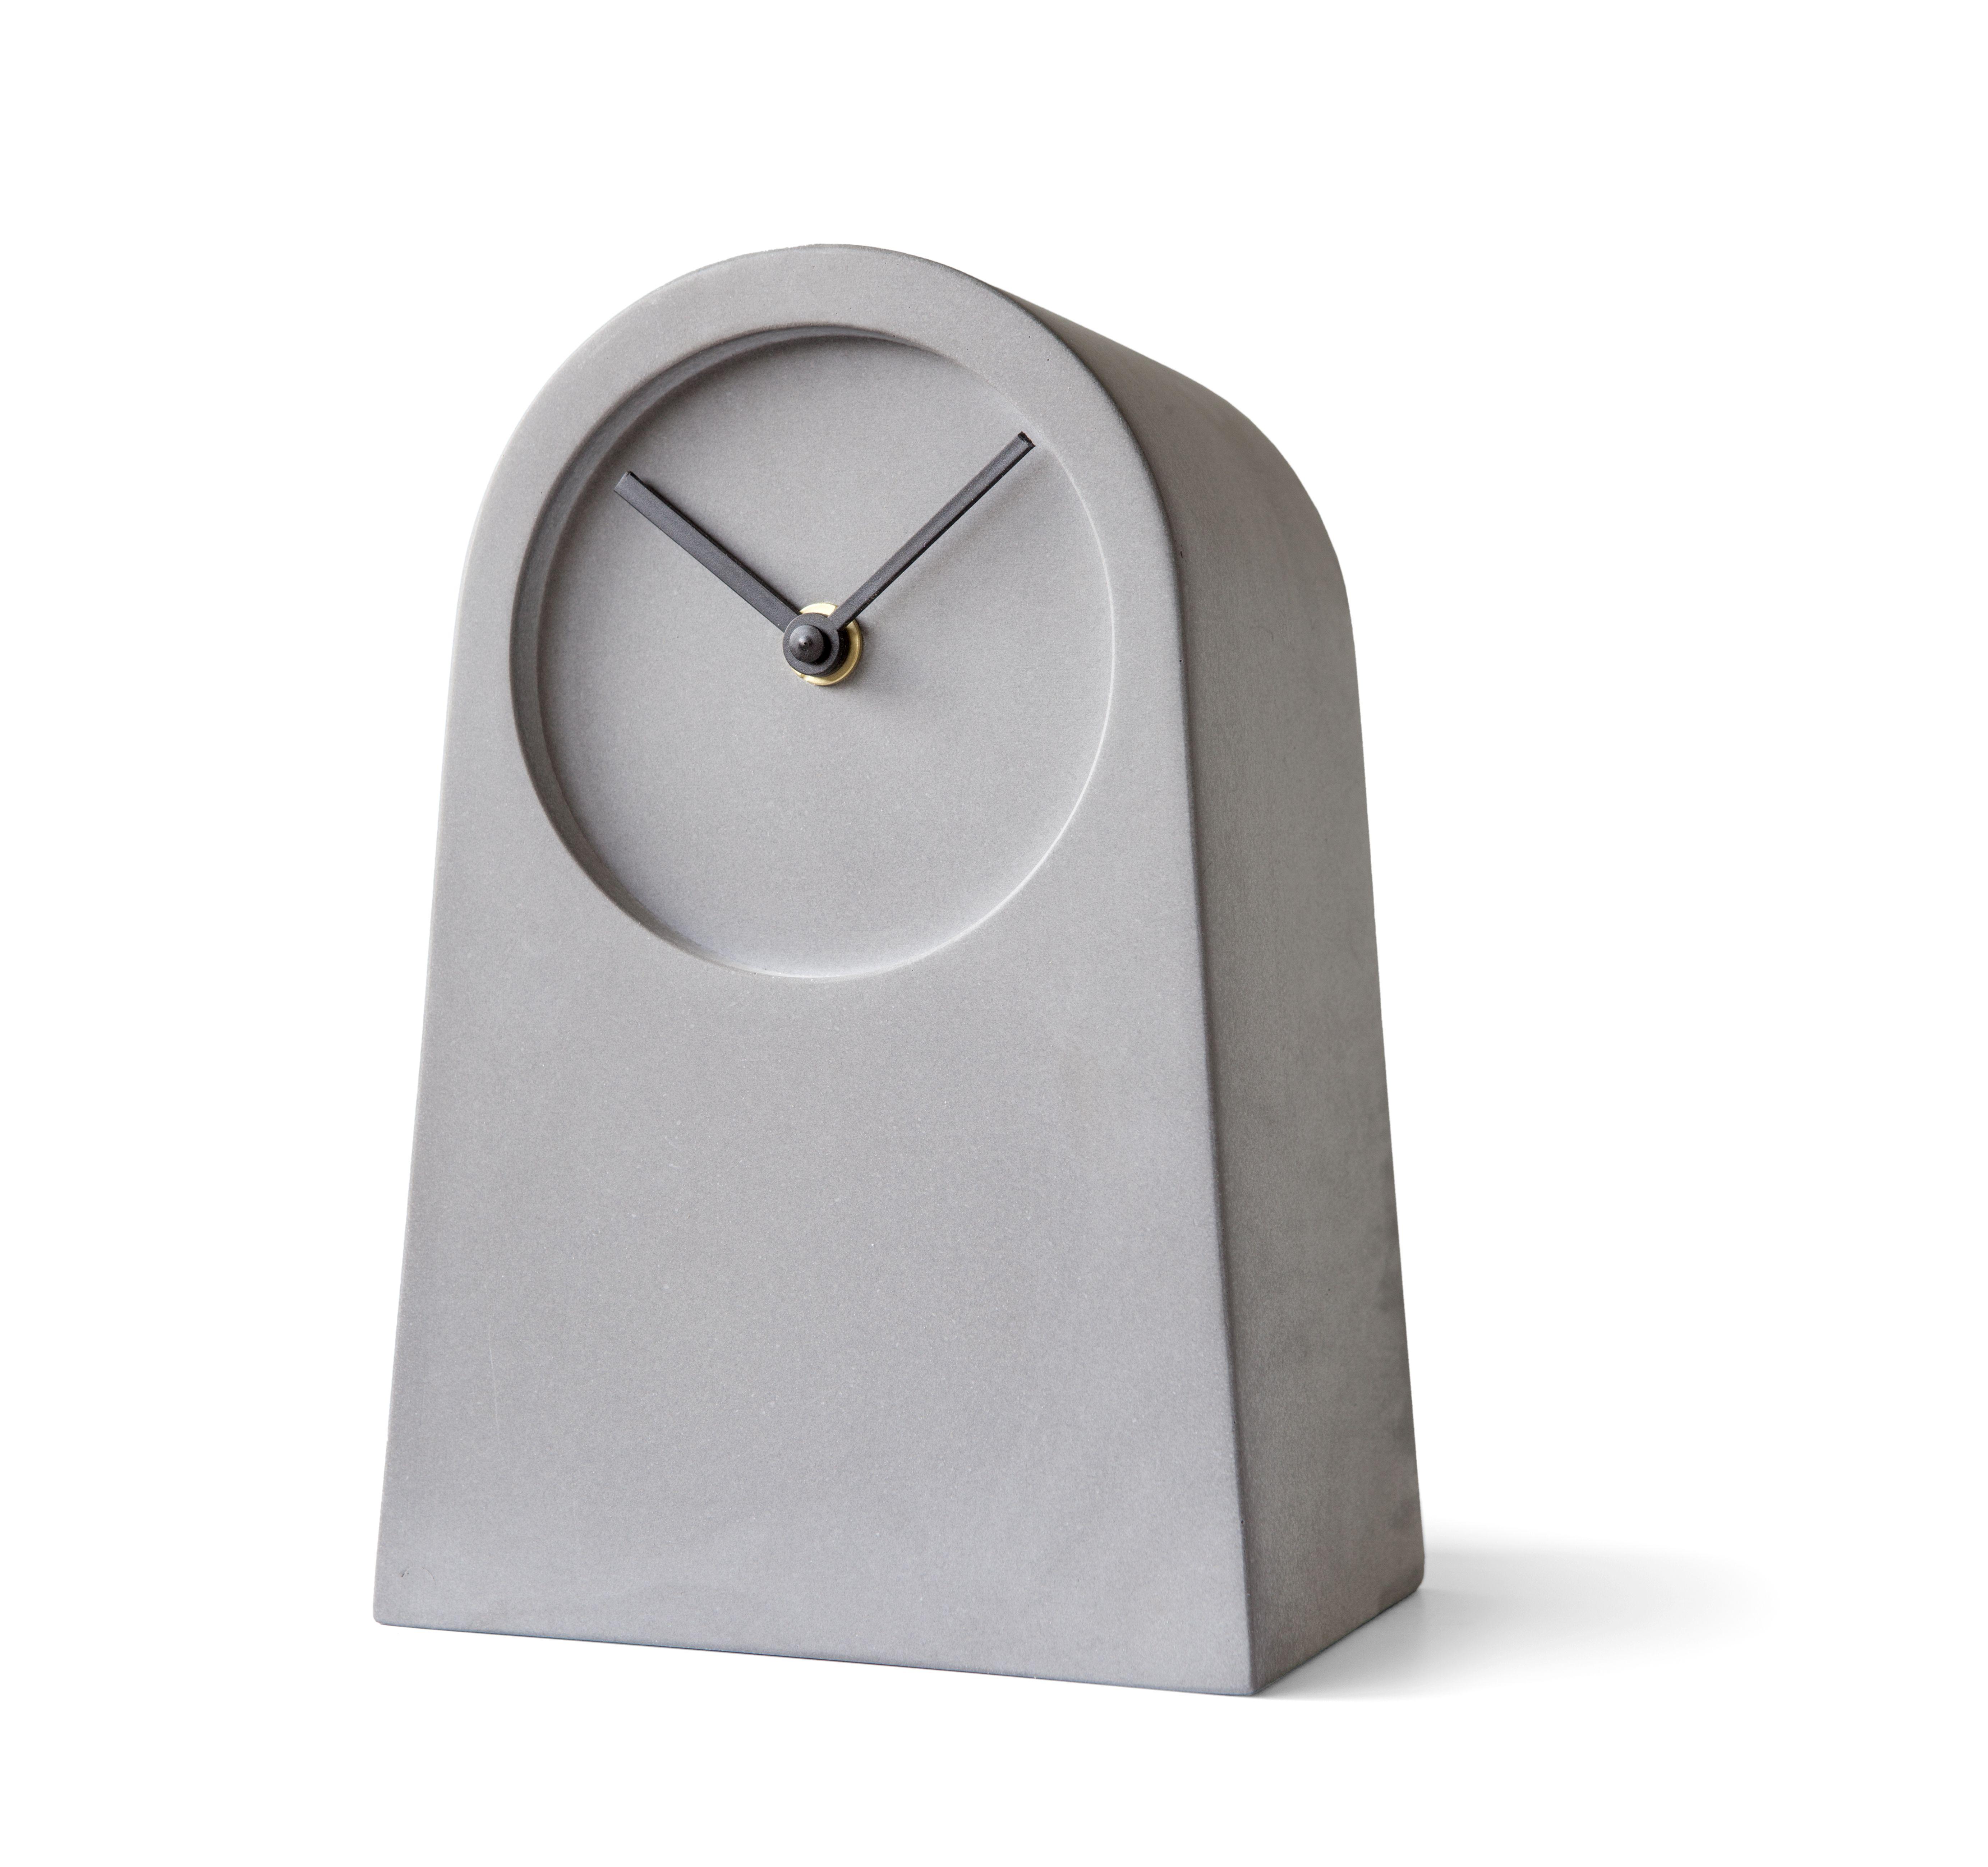 Pencil sharpner clock sold by NOOO.NL